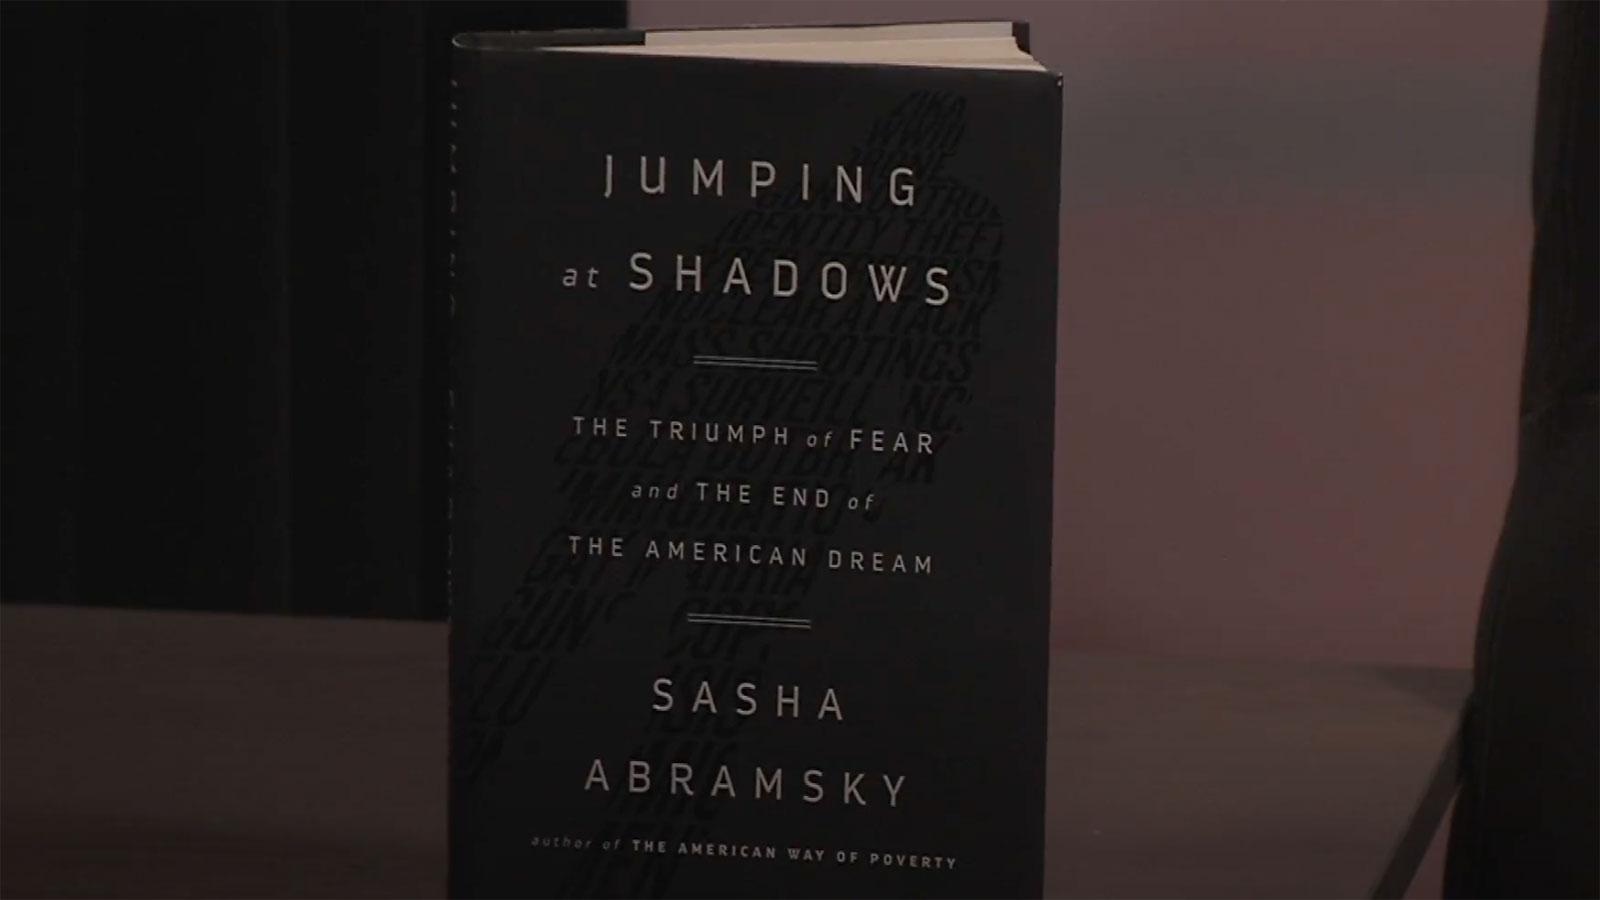 Jumping at Shadows